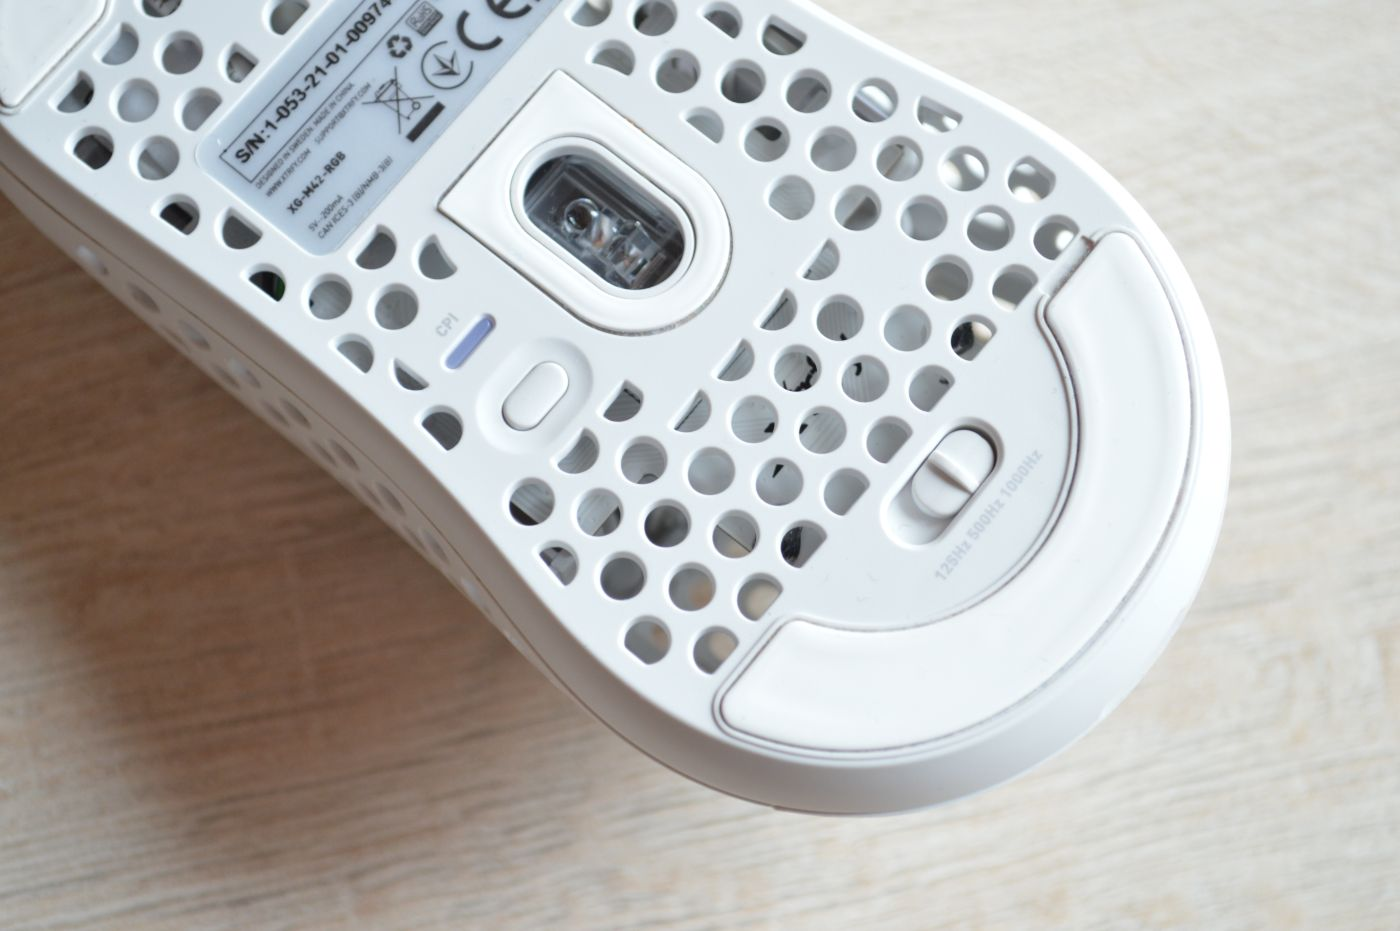 регляторы Xtrfy M42 RGB White